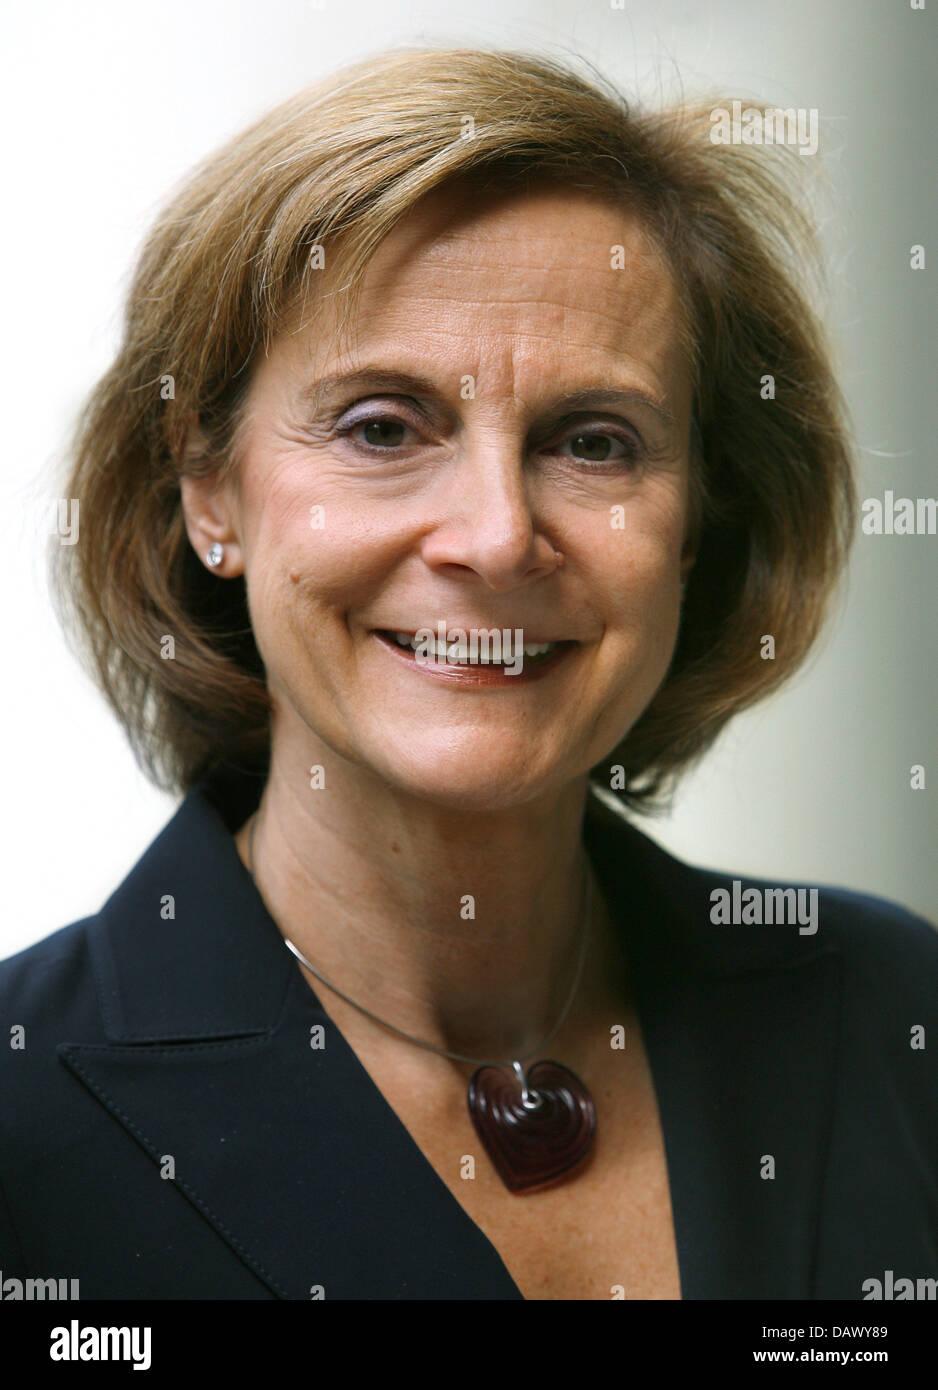 <b>Dominique Reiniche</b>, COO of The Coca-Cola Company European Union Group, ... - dominique-reiniche-coo-of-the-coca-cola-company-european-union-group-DAWY89